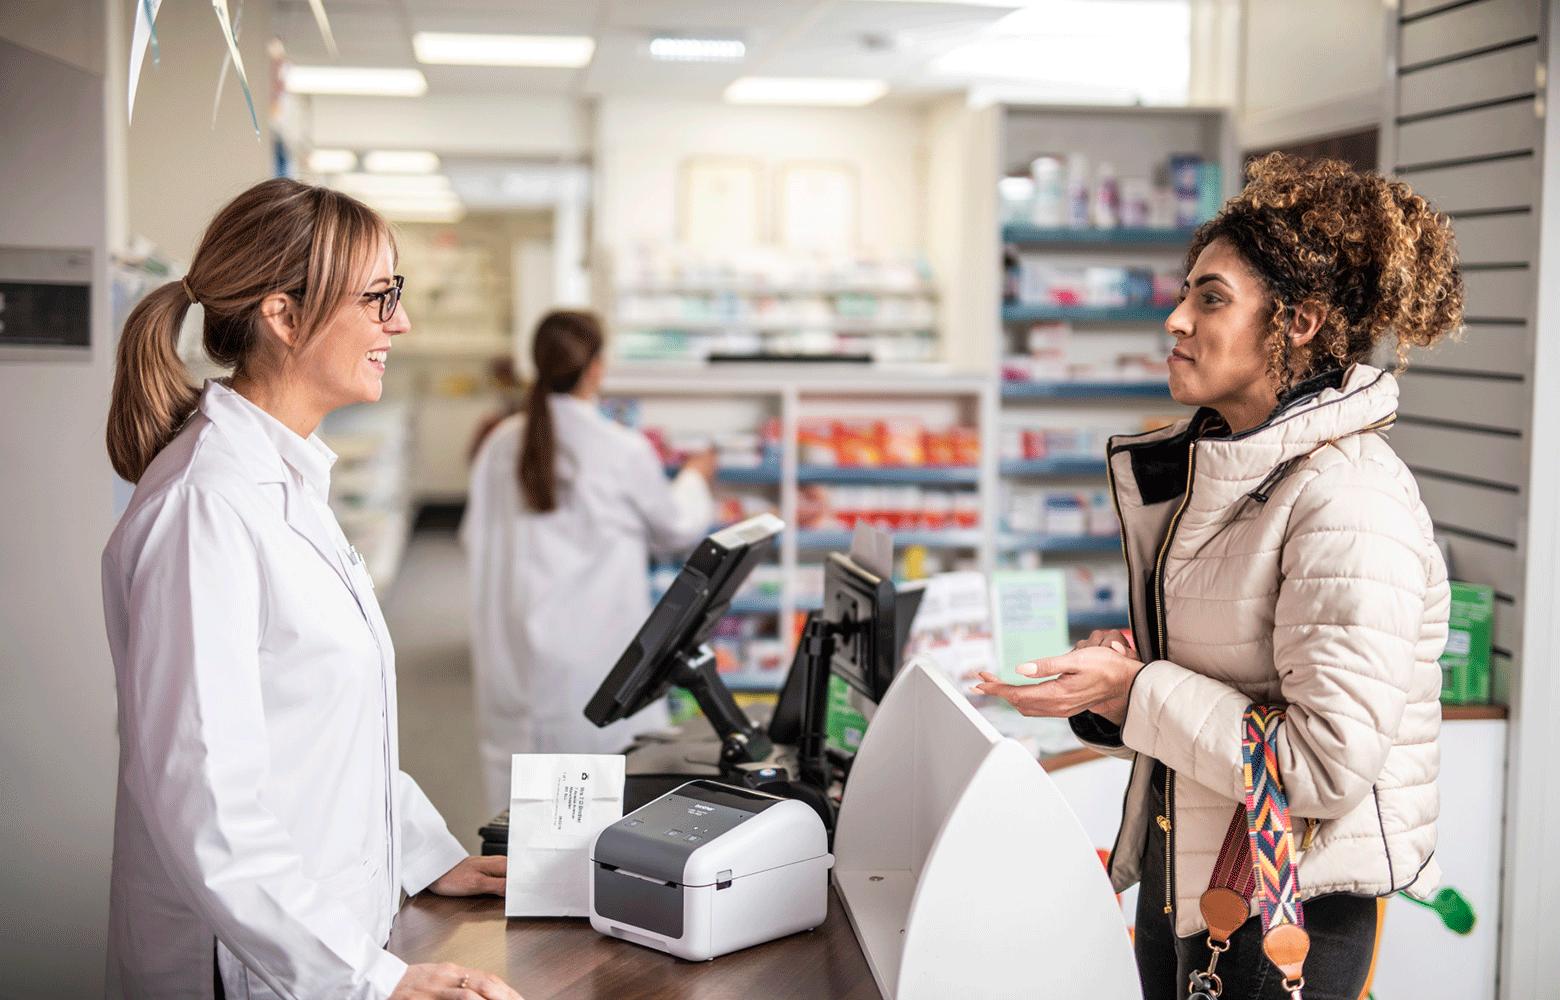 Lékárník u tiskárny štítků na stole mluví se zákaznicí